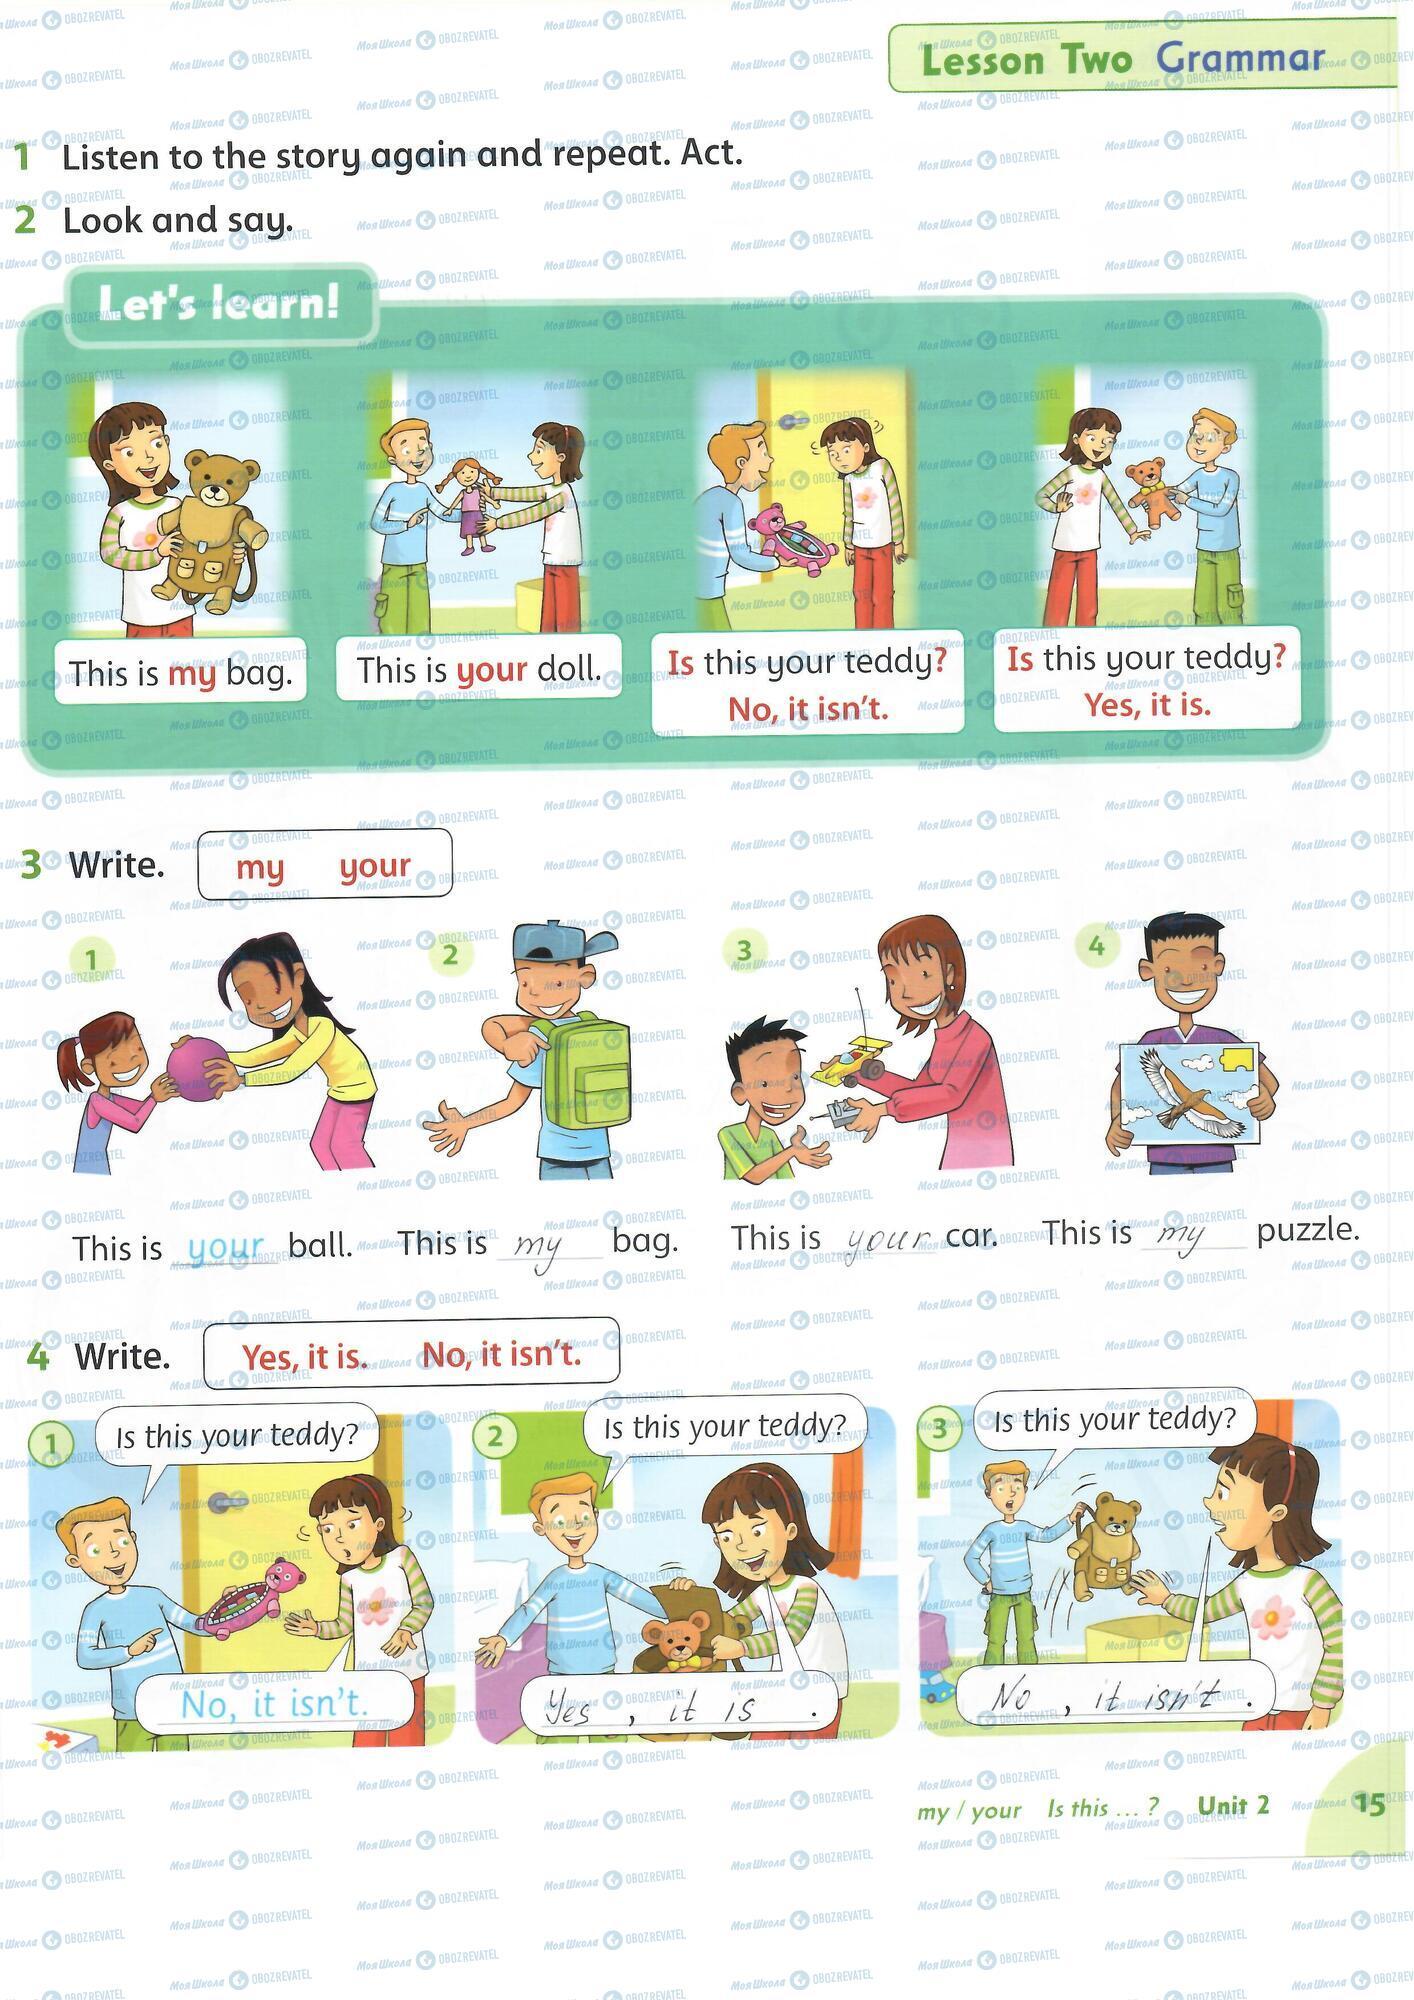 ГДЗ Англійська мова 1 клас сторінка 15